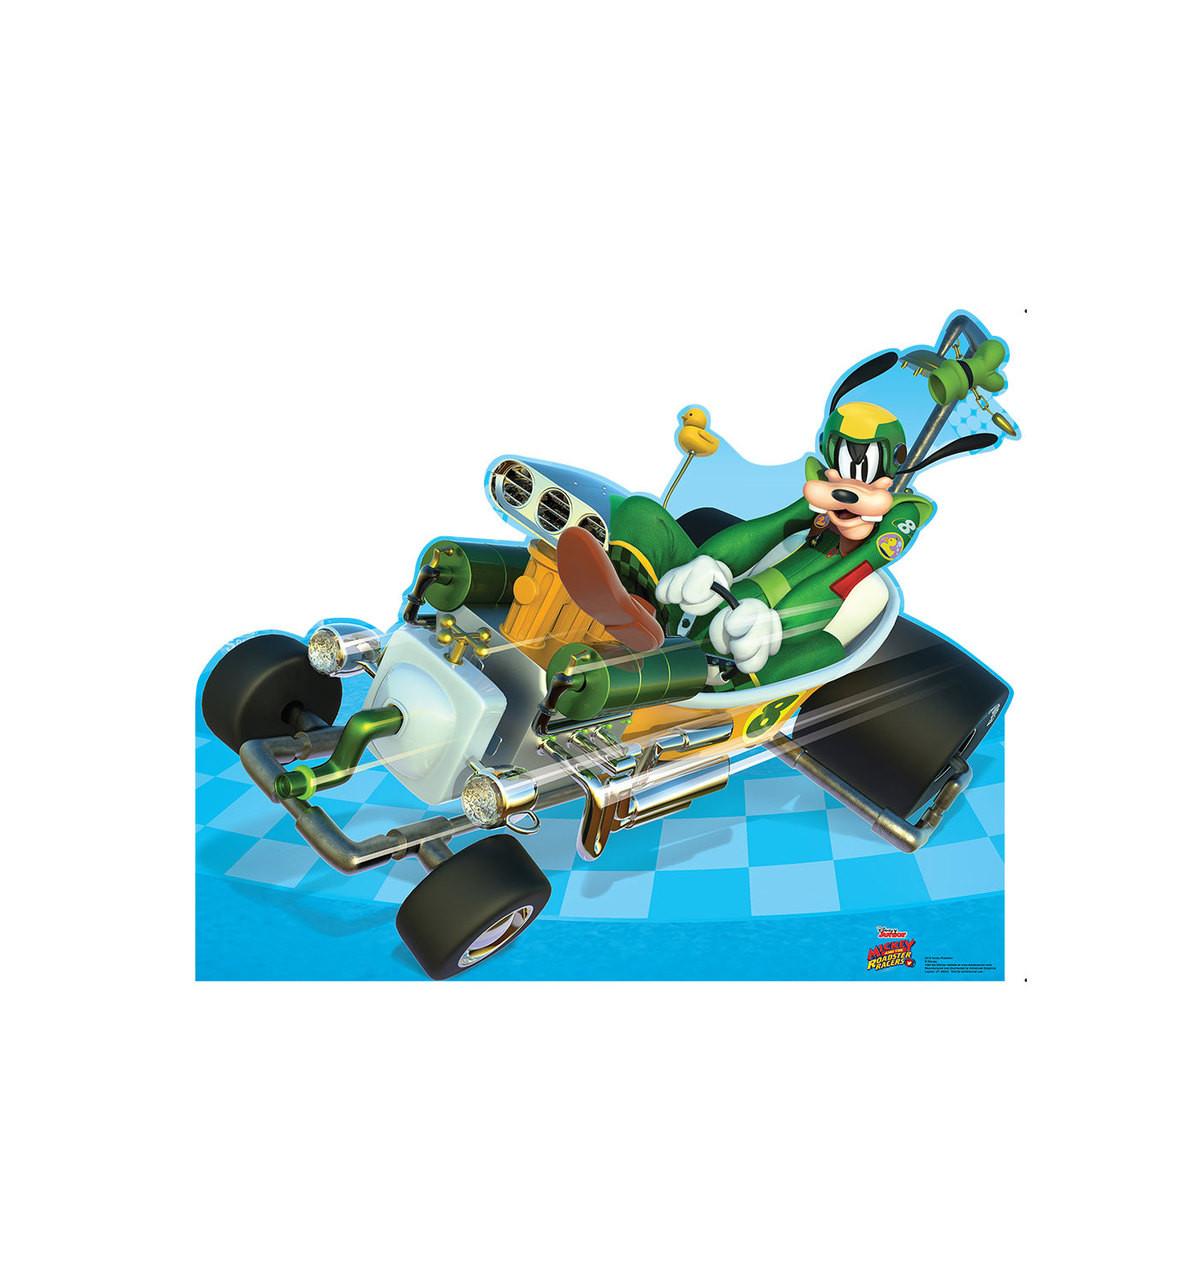 Goofy Roadster - Disney's Roadster Racers - Cardboard Cutout